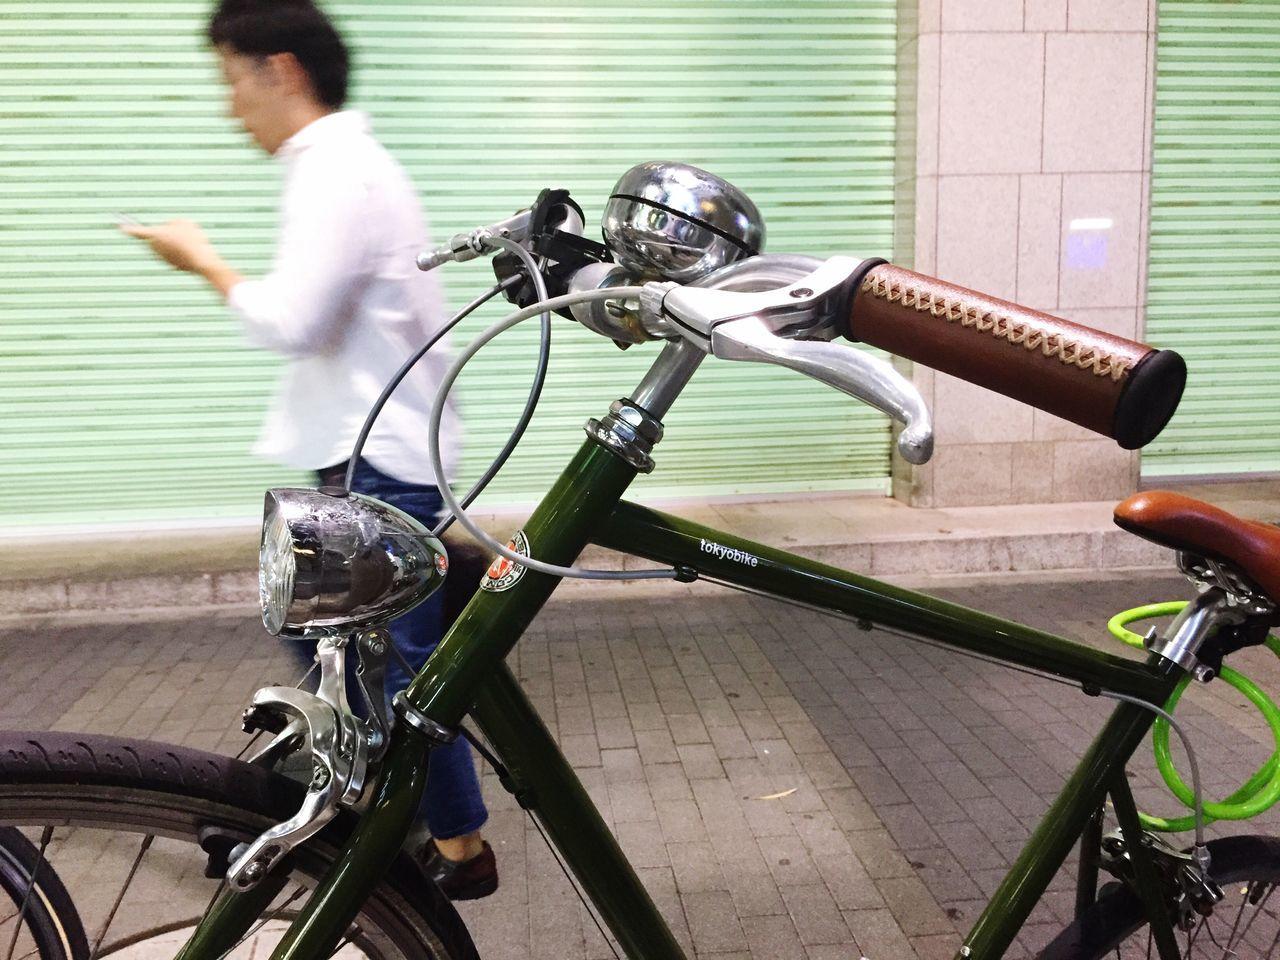 Bicycle against man walking on footpath